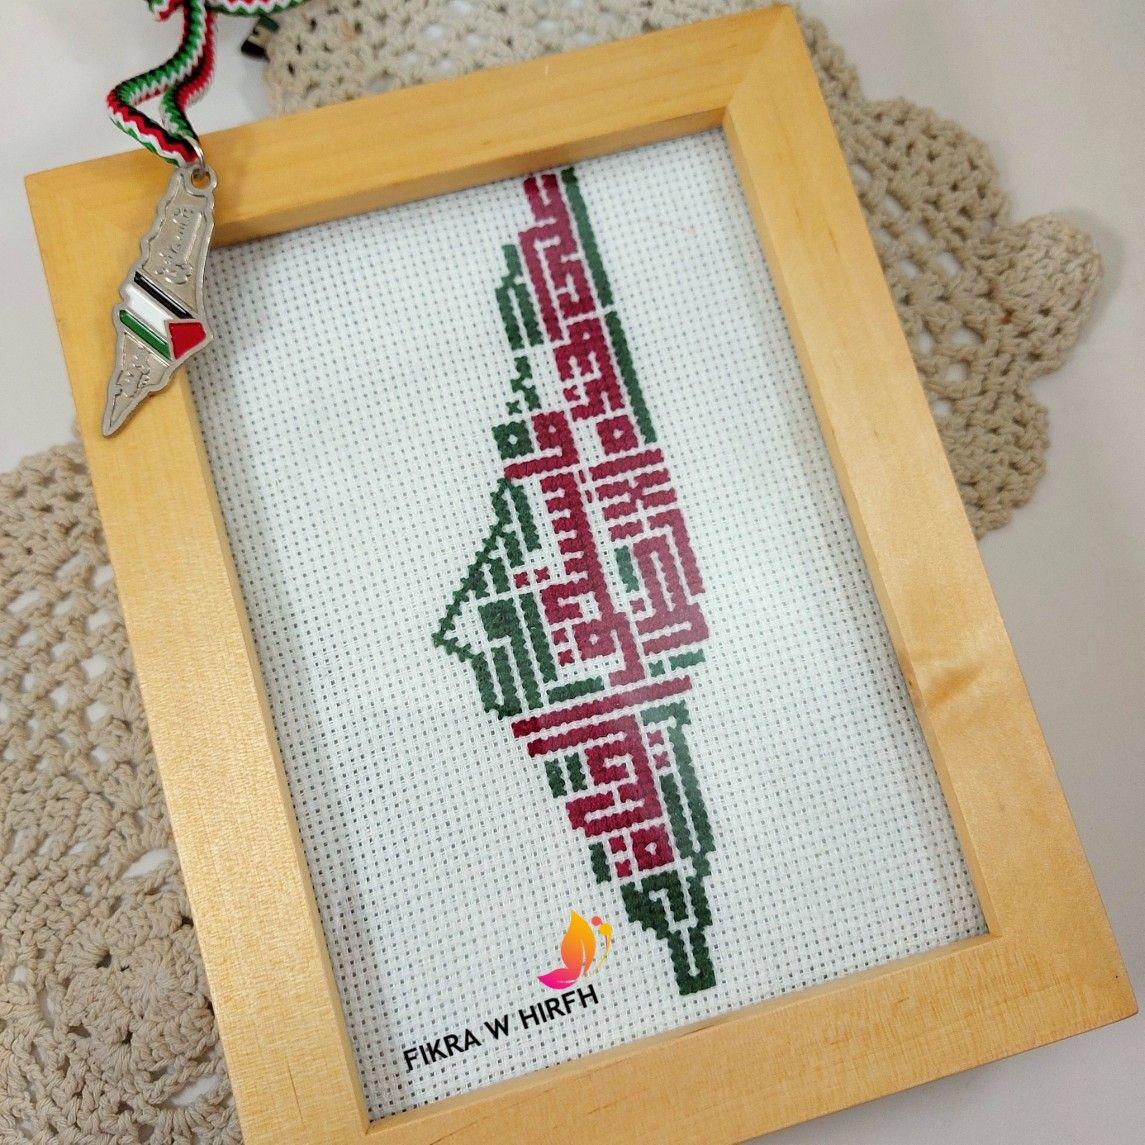 تطريز فلاحي على هذه الأرض ما يستحق الحياة فلسطين Home Decor Decor Frame